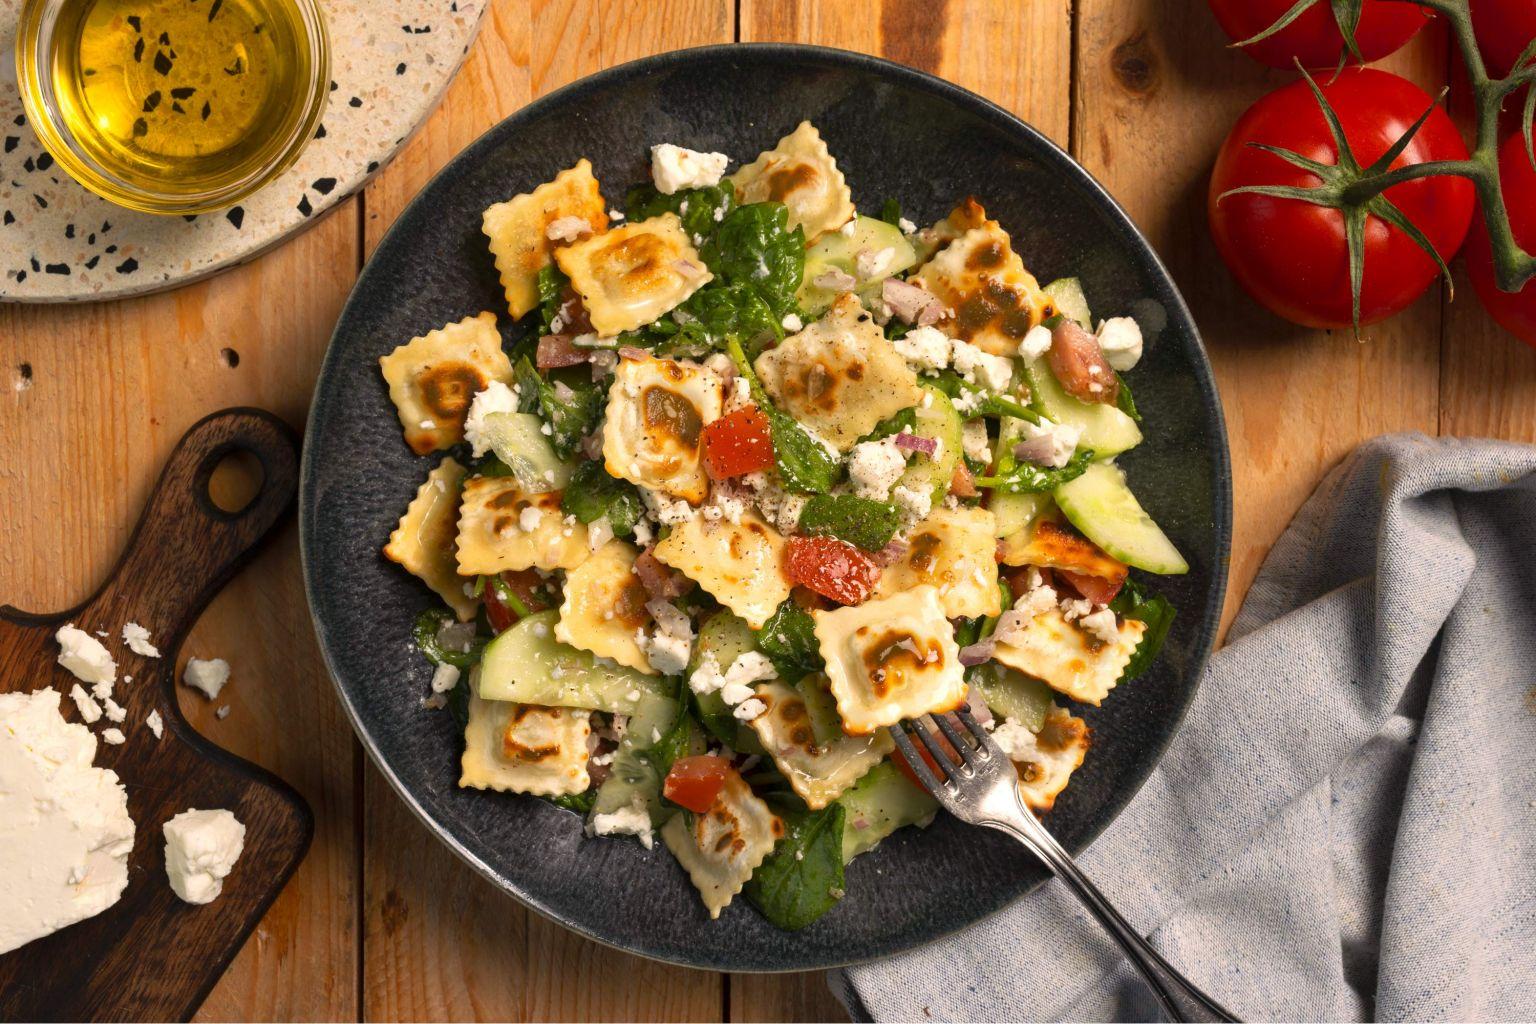 Salade de ravioles à poêler au fromage frais et basilic de Provence